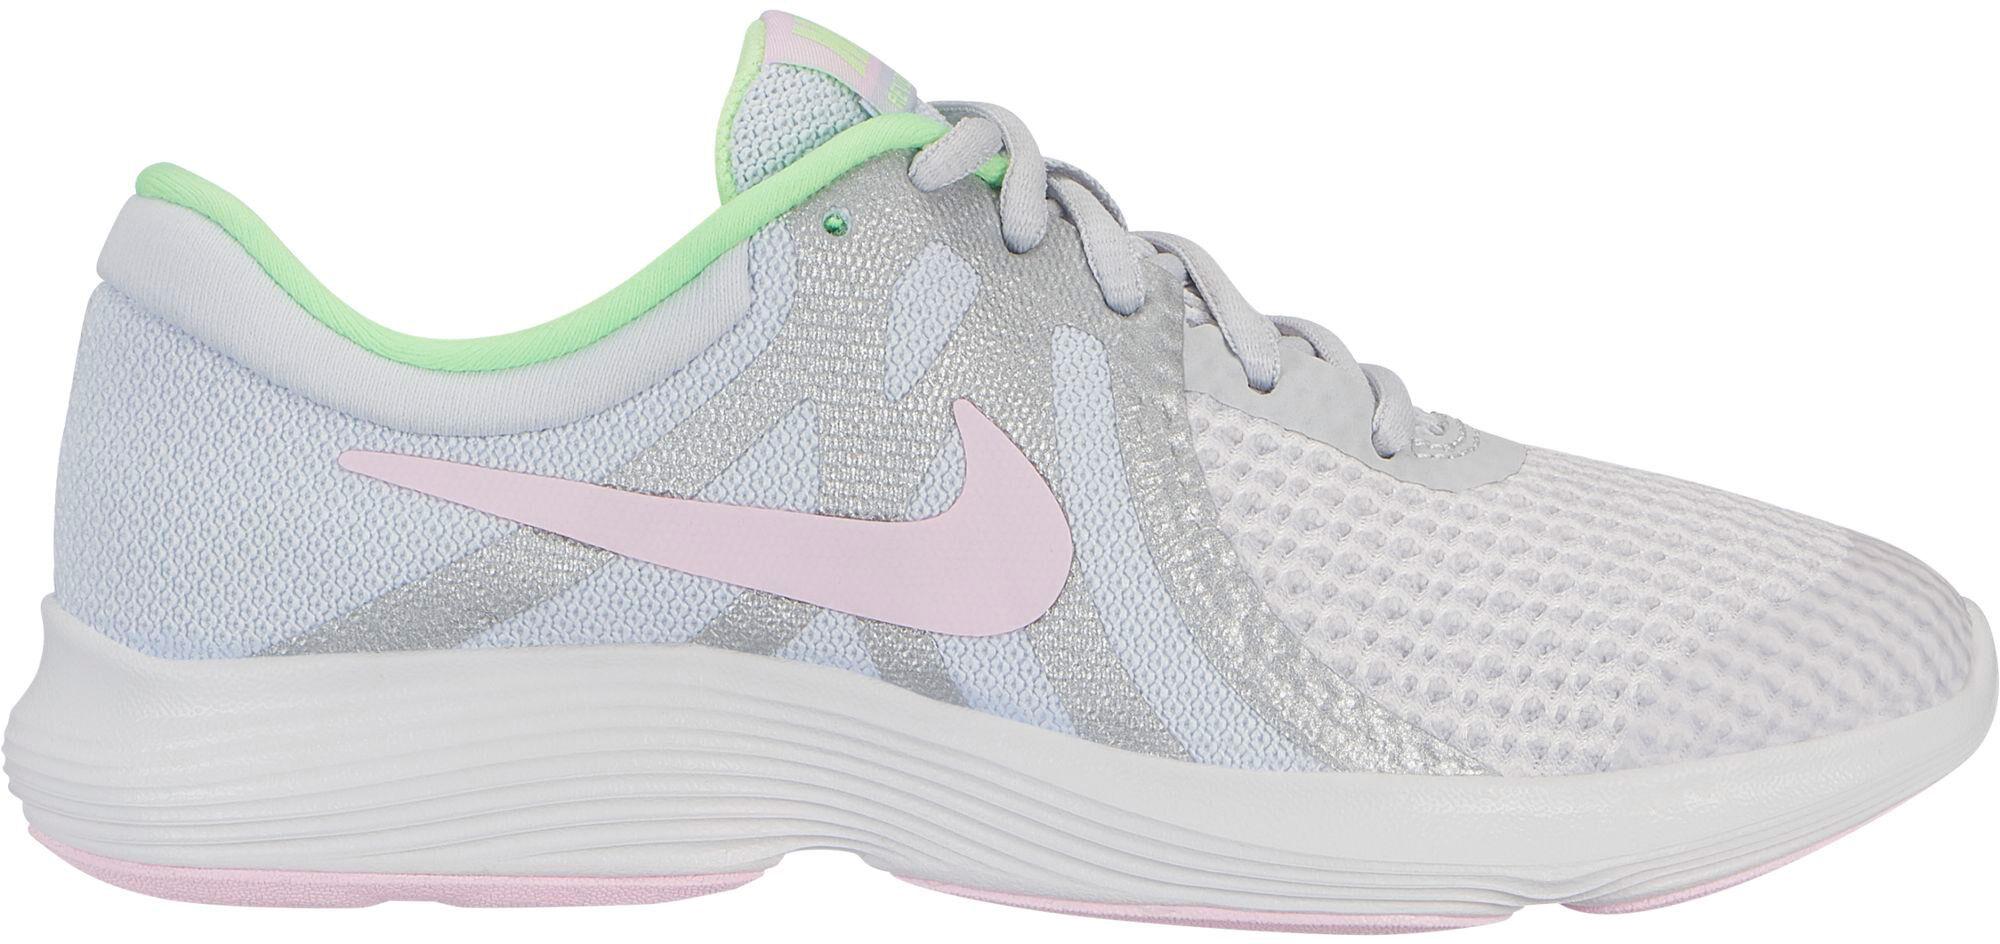 Outlet Para Talla Running 37 De Baratas Ofertas Zapatillas Nike Yfgyb76